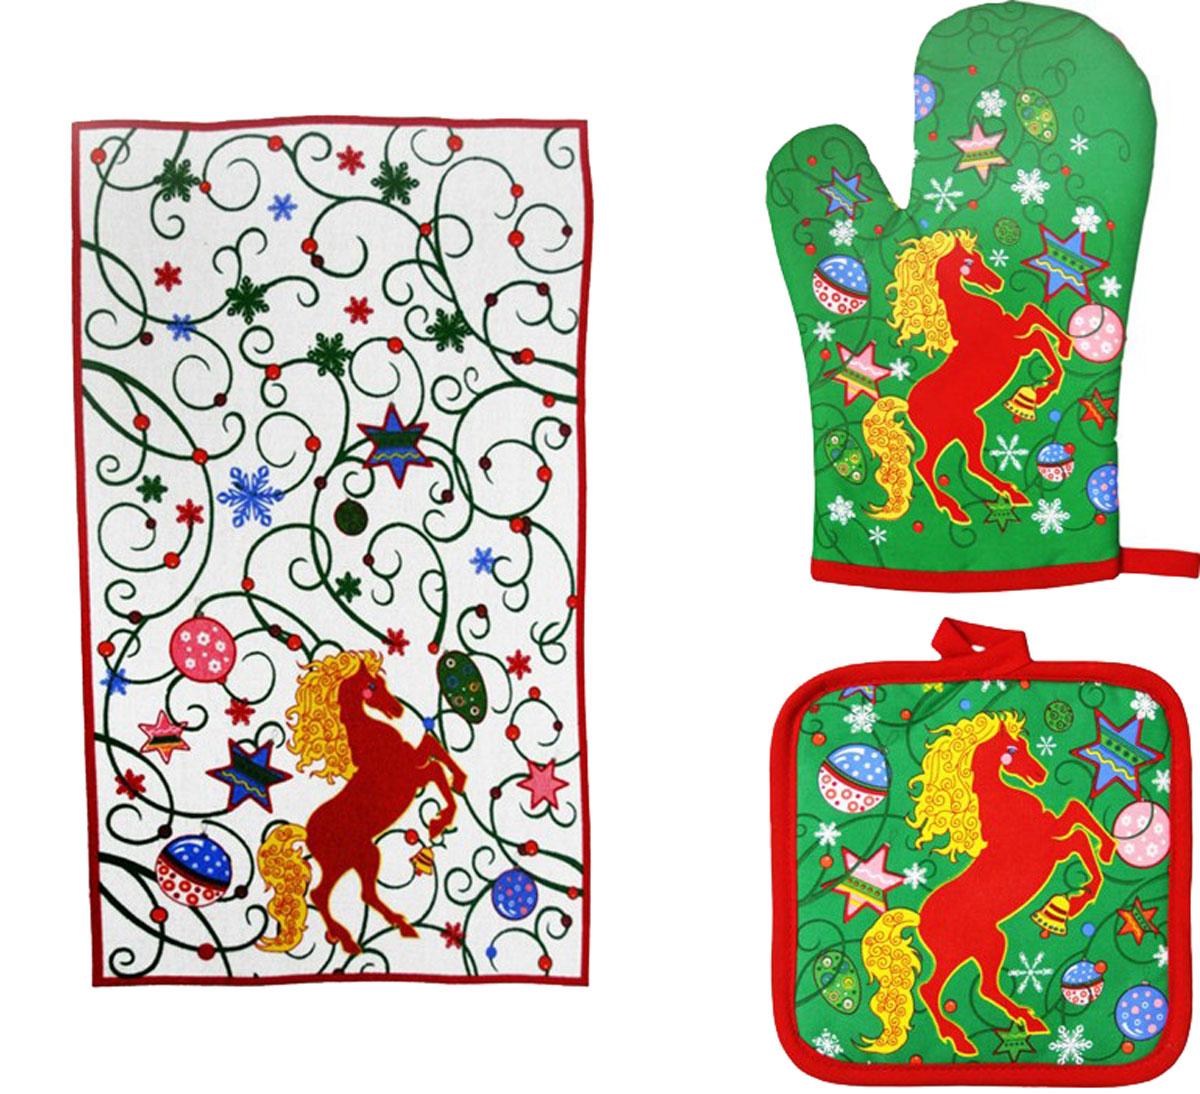 Подарочный набор для кухни Bonita Красный конь, 3 предмета1101211860Подарочный набор для кухни Bonita Красный конь состоит из прихватки, полотенца и рукавицы. Рукавица и прихватка оснащены петельками для подвешивания. Предметы набора, выполненные из хлопка и полиэстера, оформлены ярким новогодним принтом и декорированы блестками. Такой набор оригинально украсит интерьер и будет уместен на любой кухне. Прекрасно подойдет в качестве подарка, который окажется не только приятным, но и полезным в хозяйстве. Размер прихватки: 17 см х 17 см. Размер полотенца: 63 см х 38 см. Размер рукавицы: 26 см х 17 см.